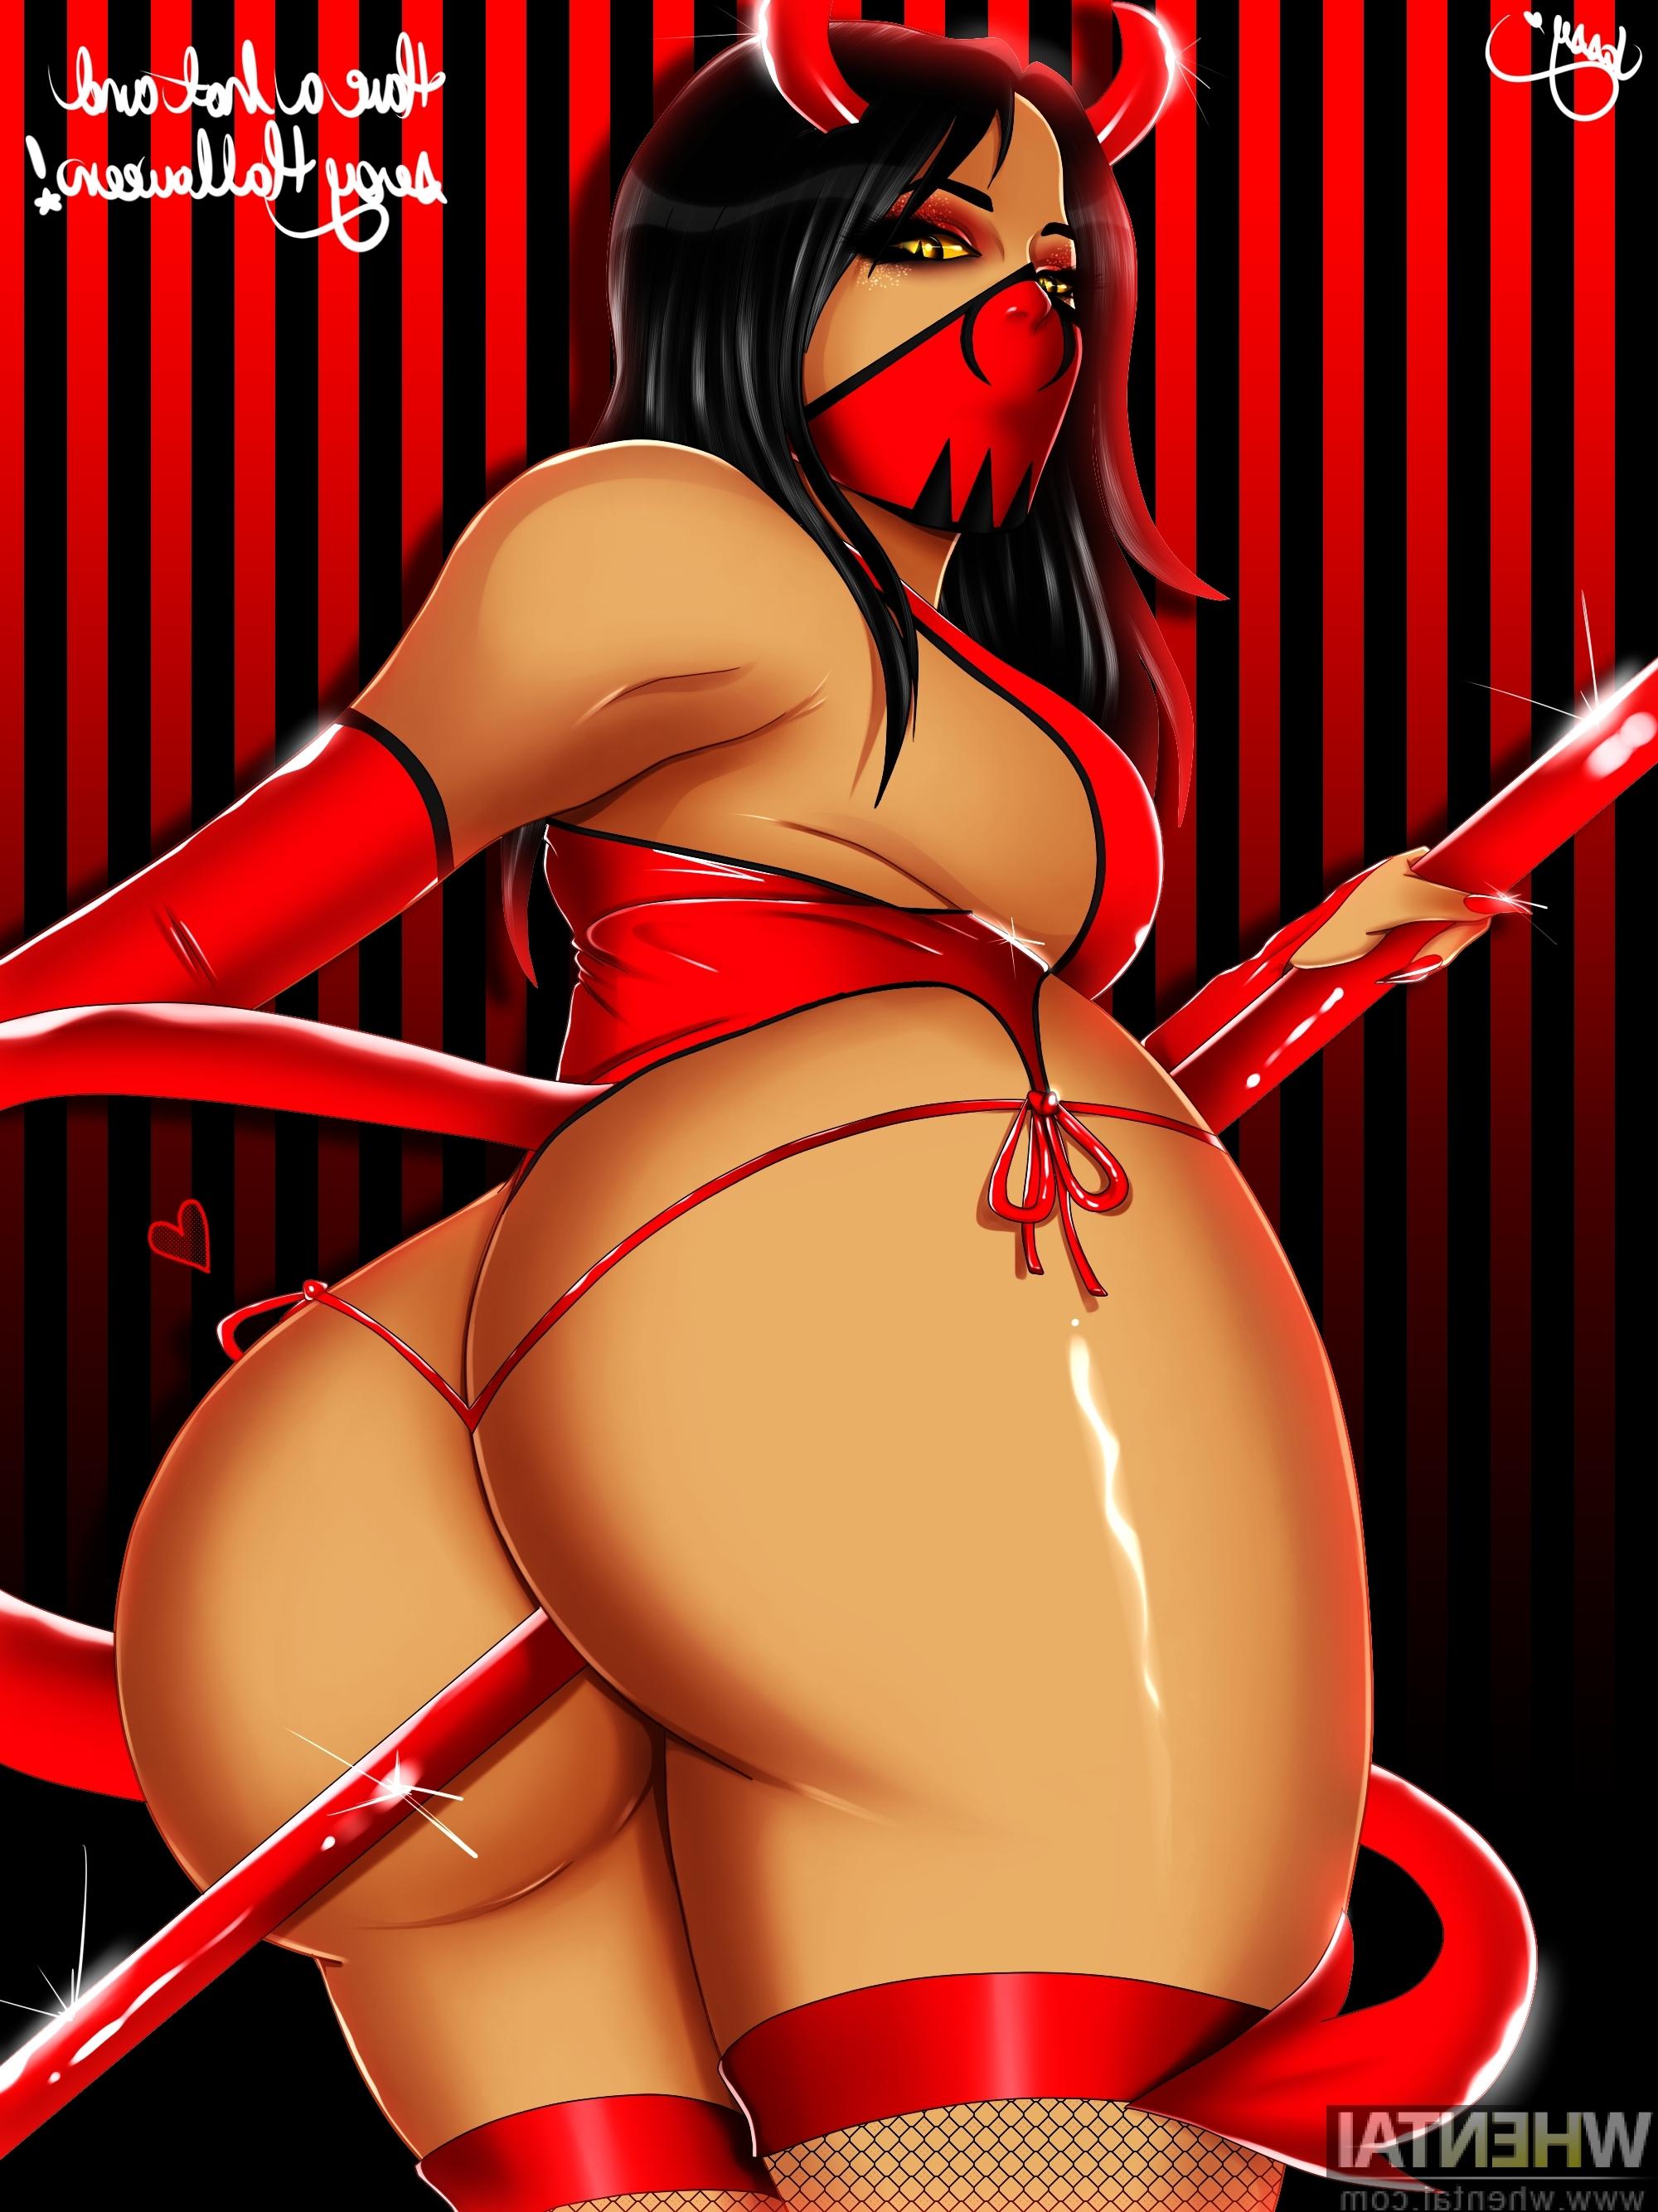 big ass hentai halloween cartoon big ass porn img mileena mortal kombat big ass